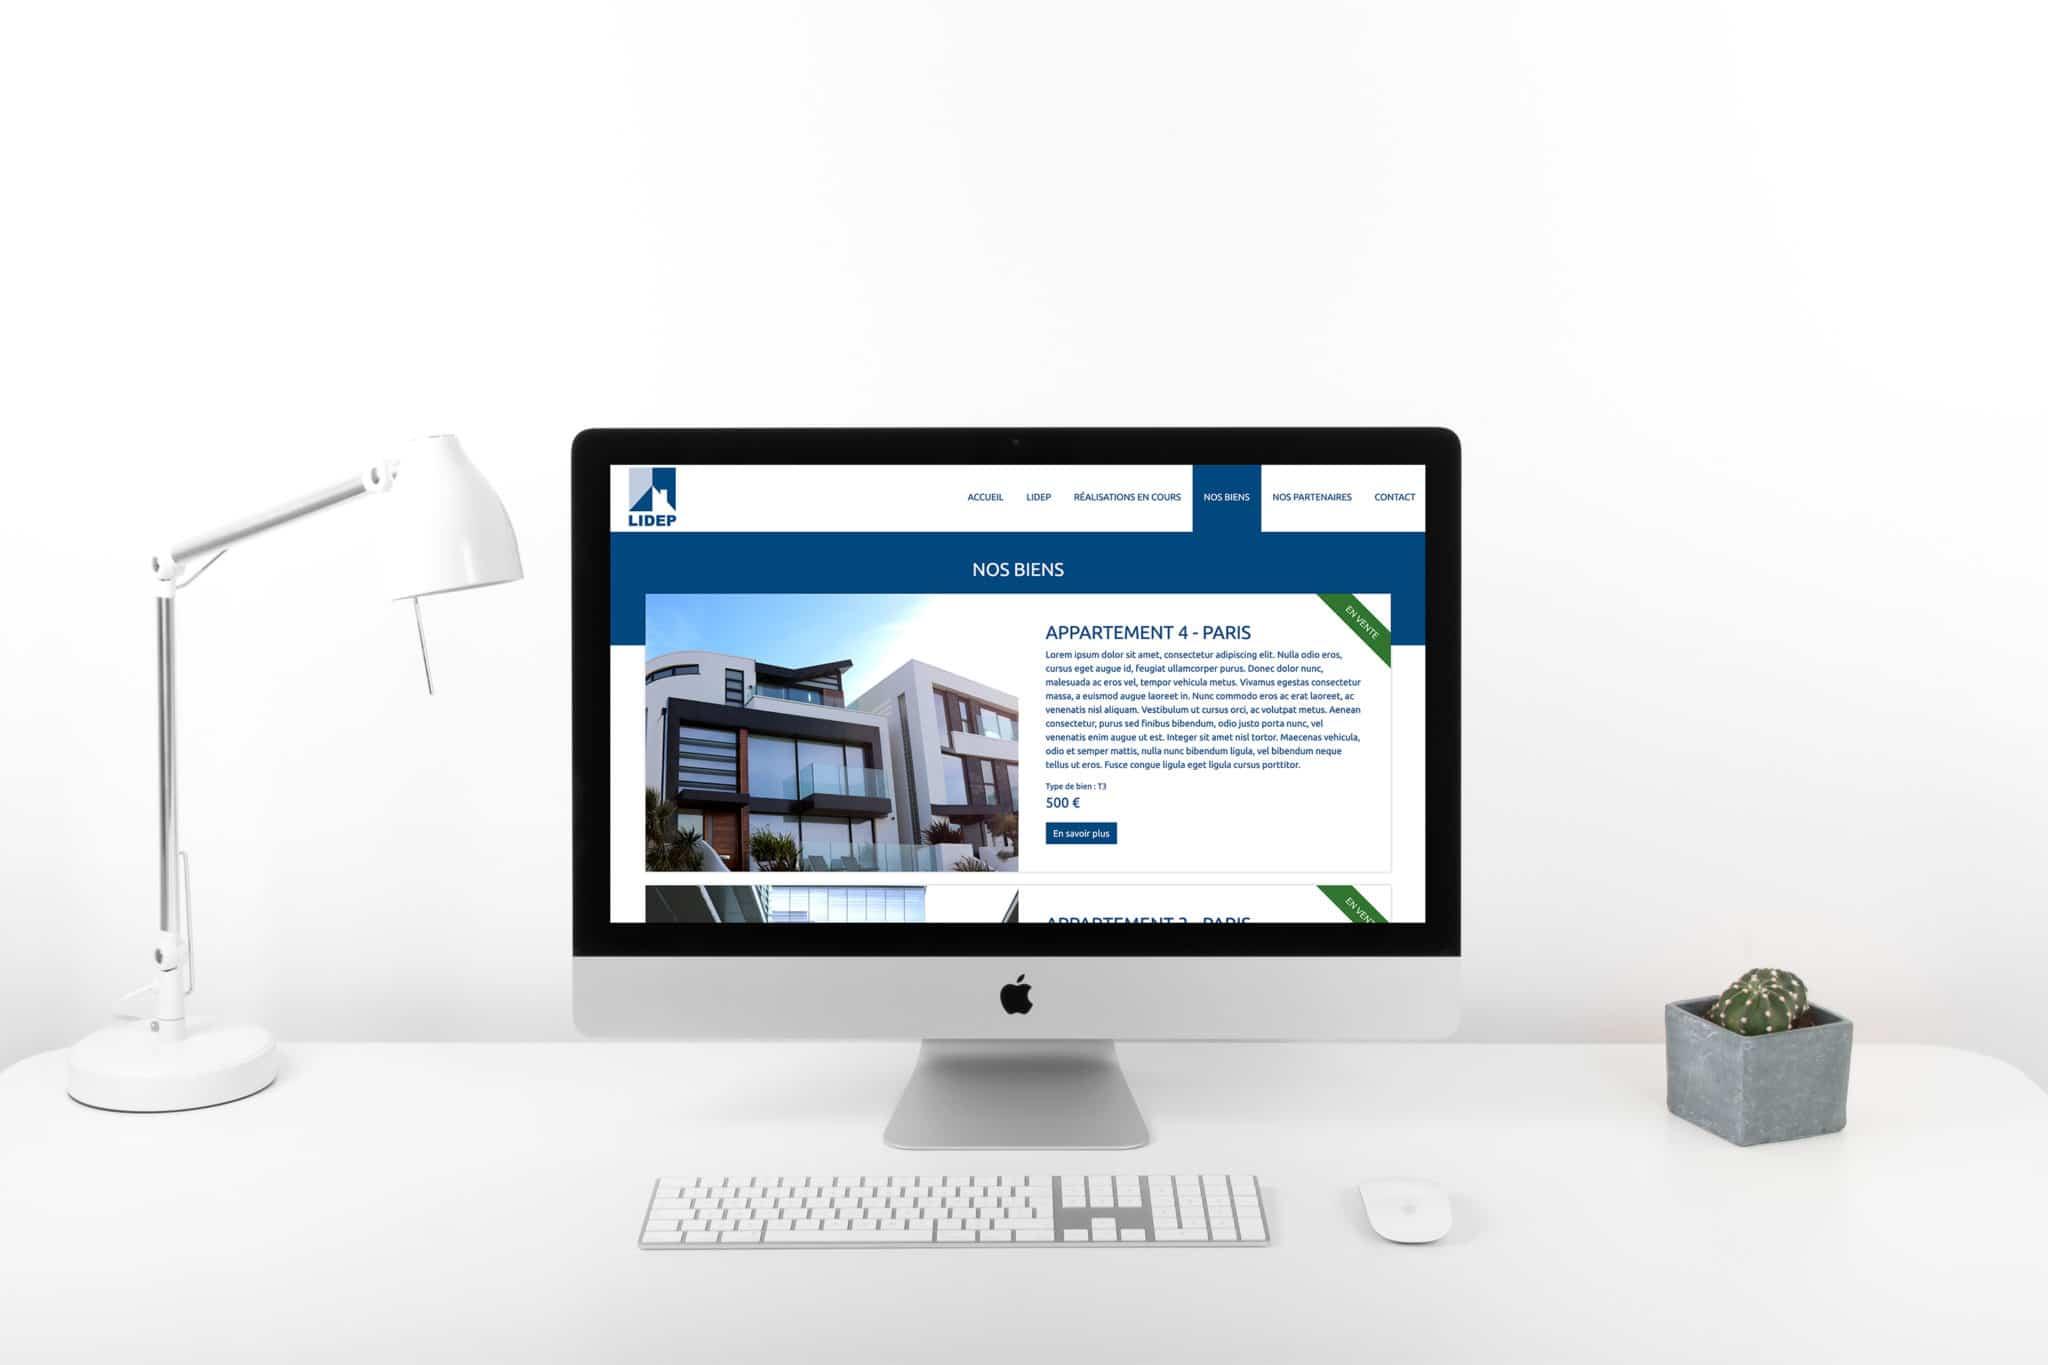 Mise en situation de la page de présentation des biens immobiliers dans un écran d'ordinateur